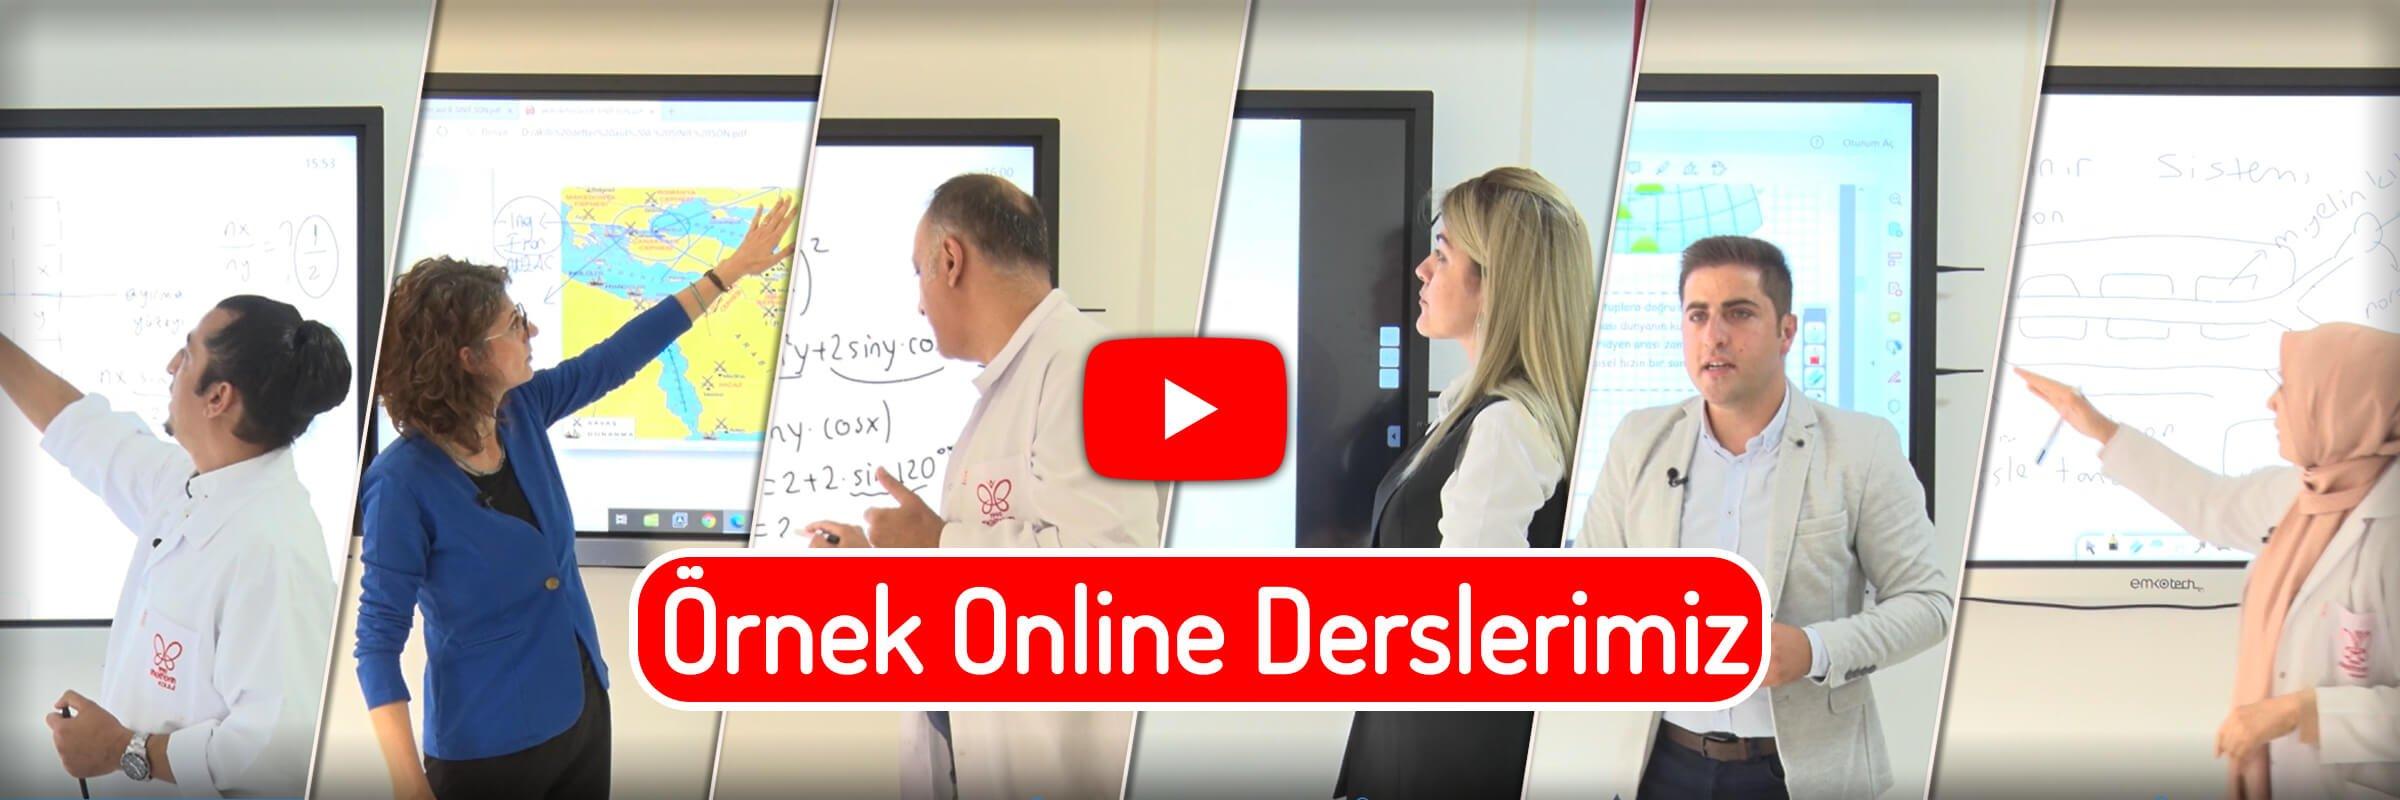 Online Derslerimiz